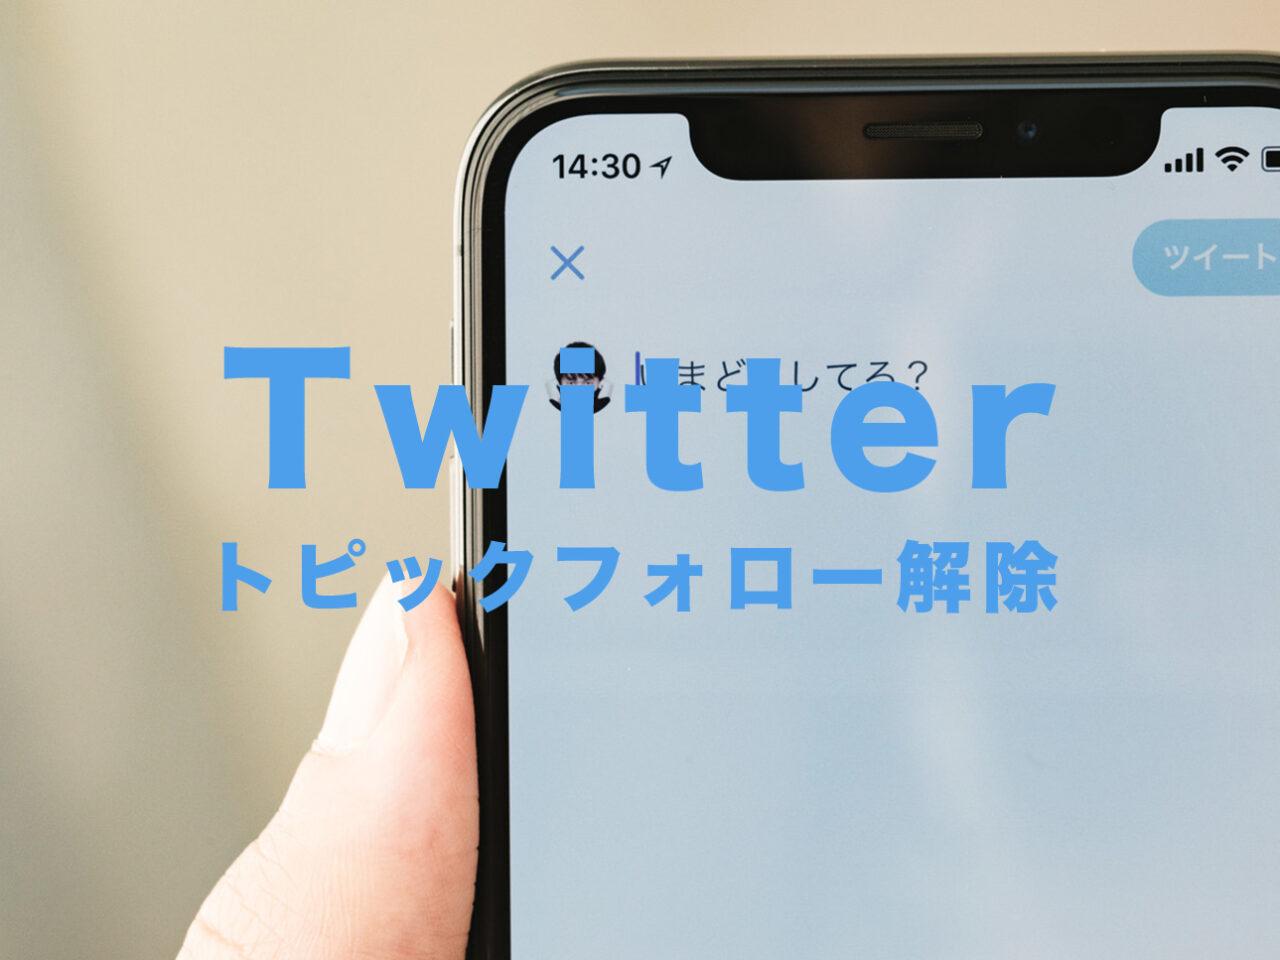 Twitter(ツイッター)でトピックをフォローを解除するやり方&仕方は?一括解除はできる?のサムネイル画像